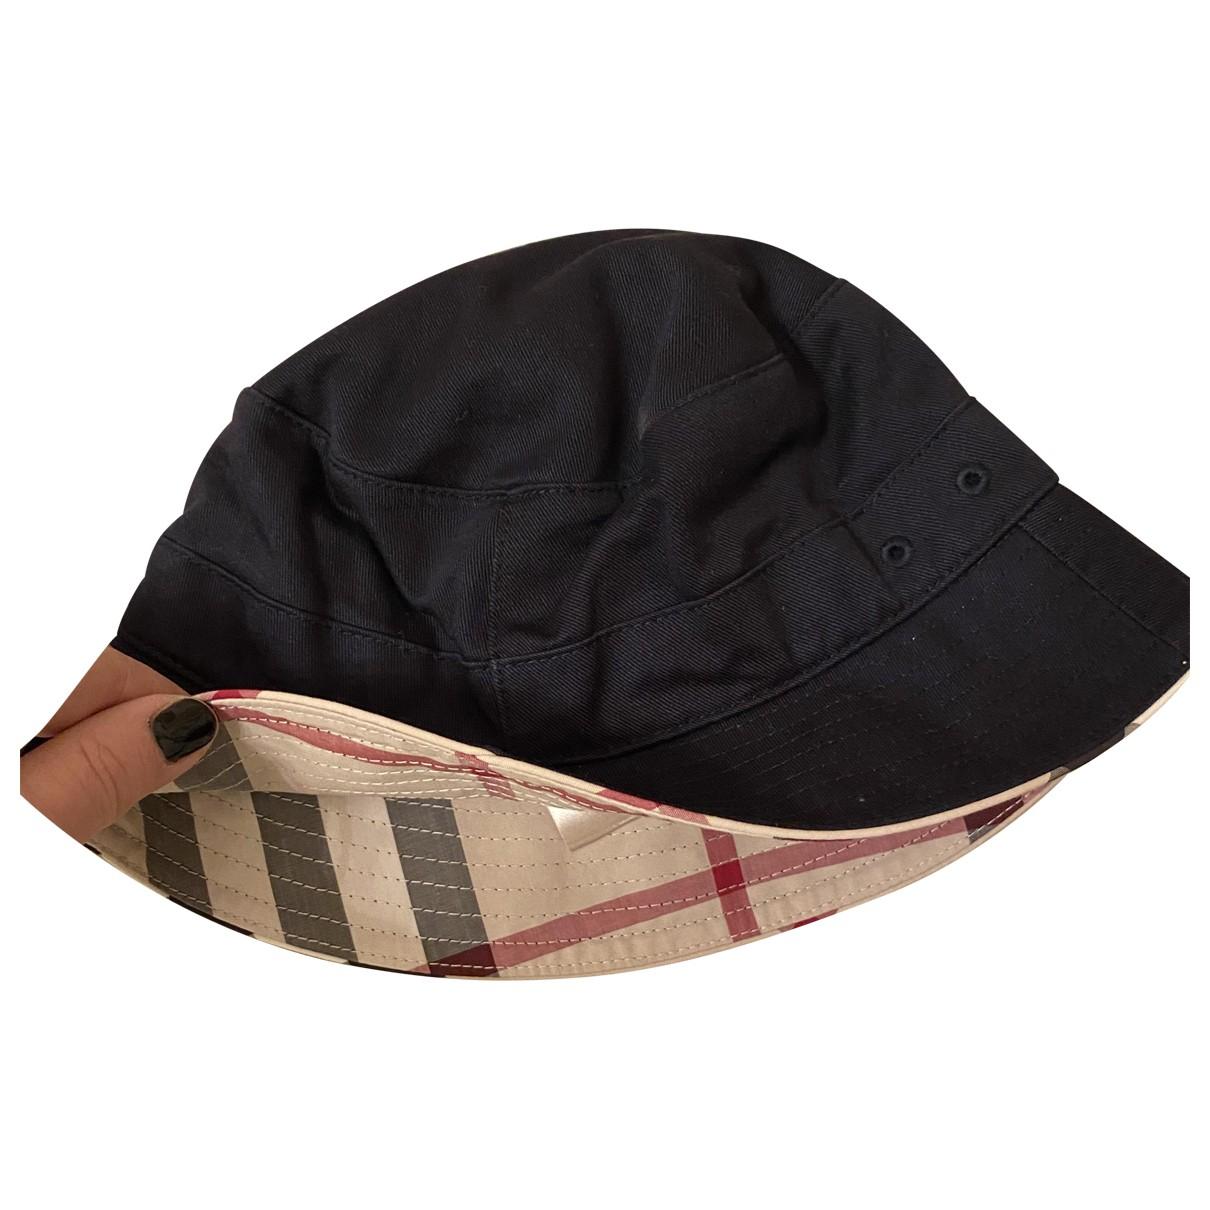 Burberry \N Hut, Muetzen, Handschuhe in  Schwarz Baumwolle